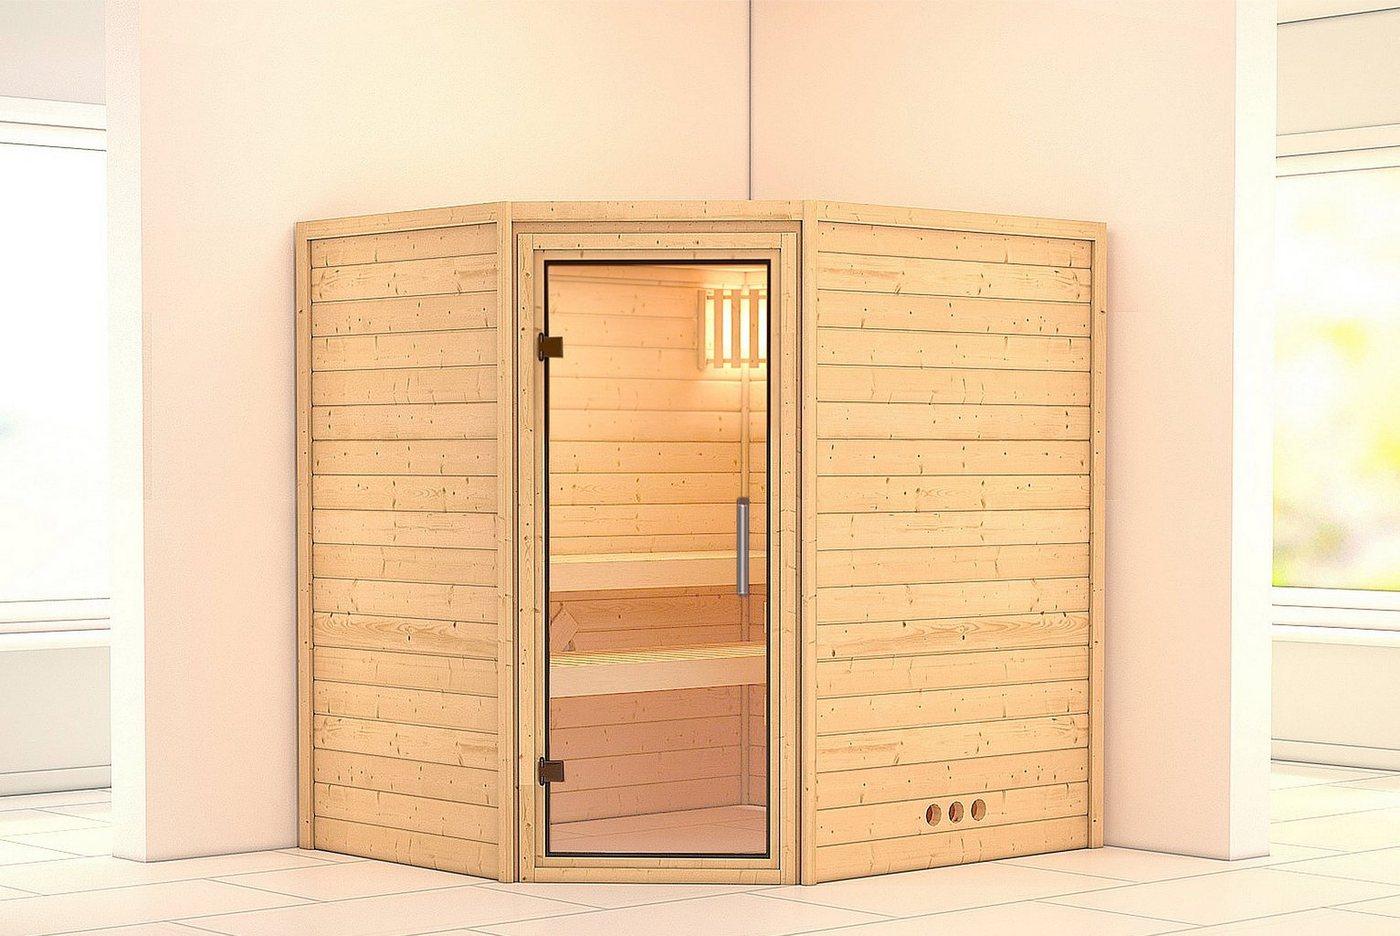 KONIFERA Sauna »Mia«, 196/170/200 cm, 9-kW-Ofen mit int. Steuerung, Glastür klar